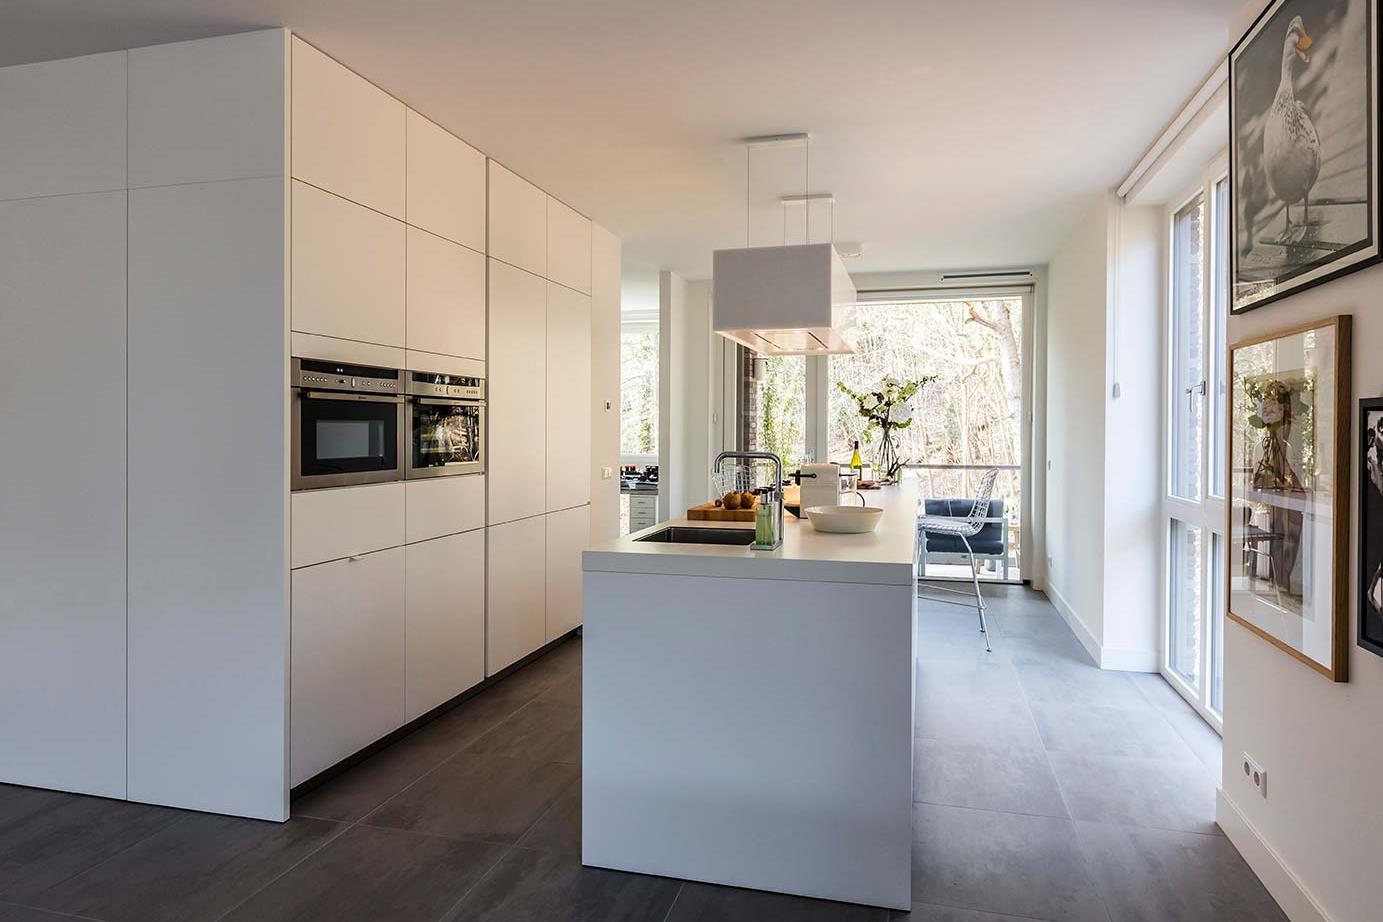 Design Keuken Showroom : Design keukens exclusief voor lage nettoprijzen adee